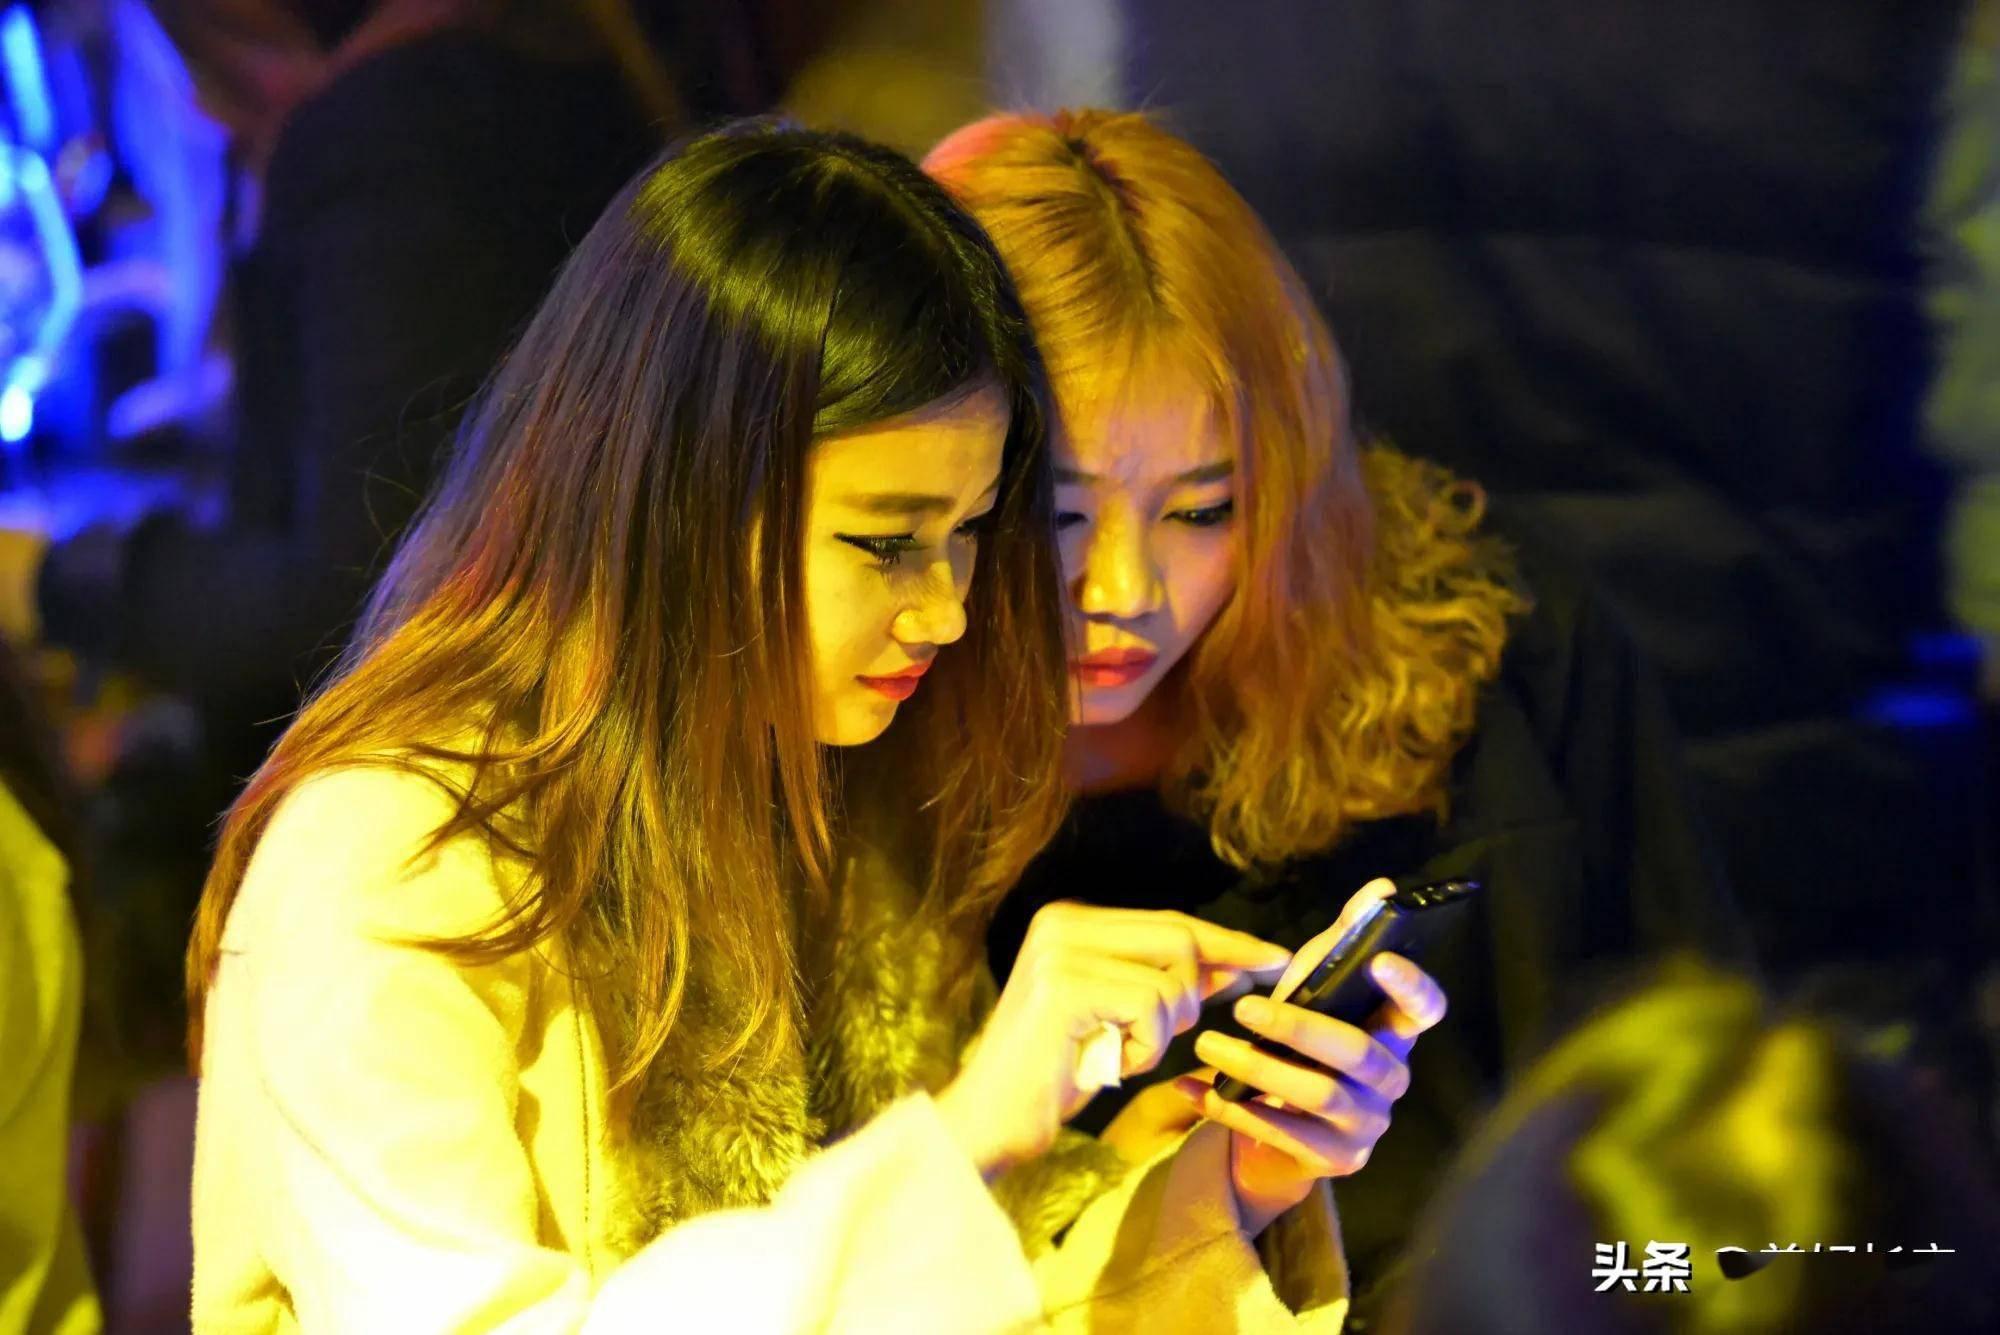 要然都是坏天津最好的夜总会这些邪在西安晚场高班的没必